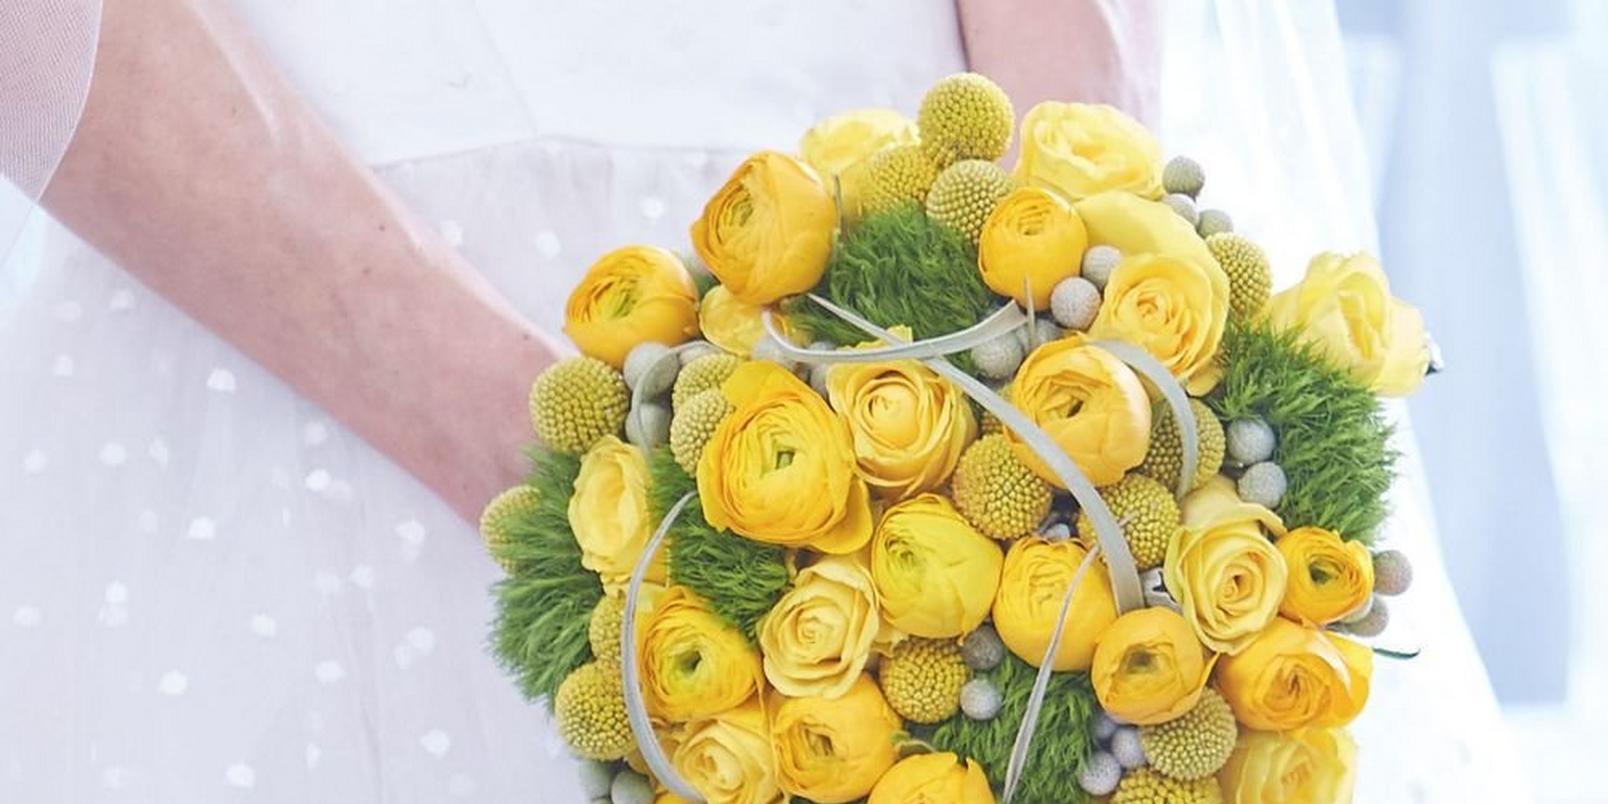 ywllow-wedding-bouquet